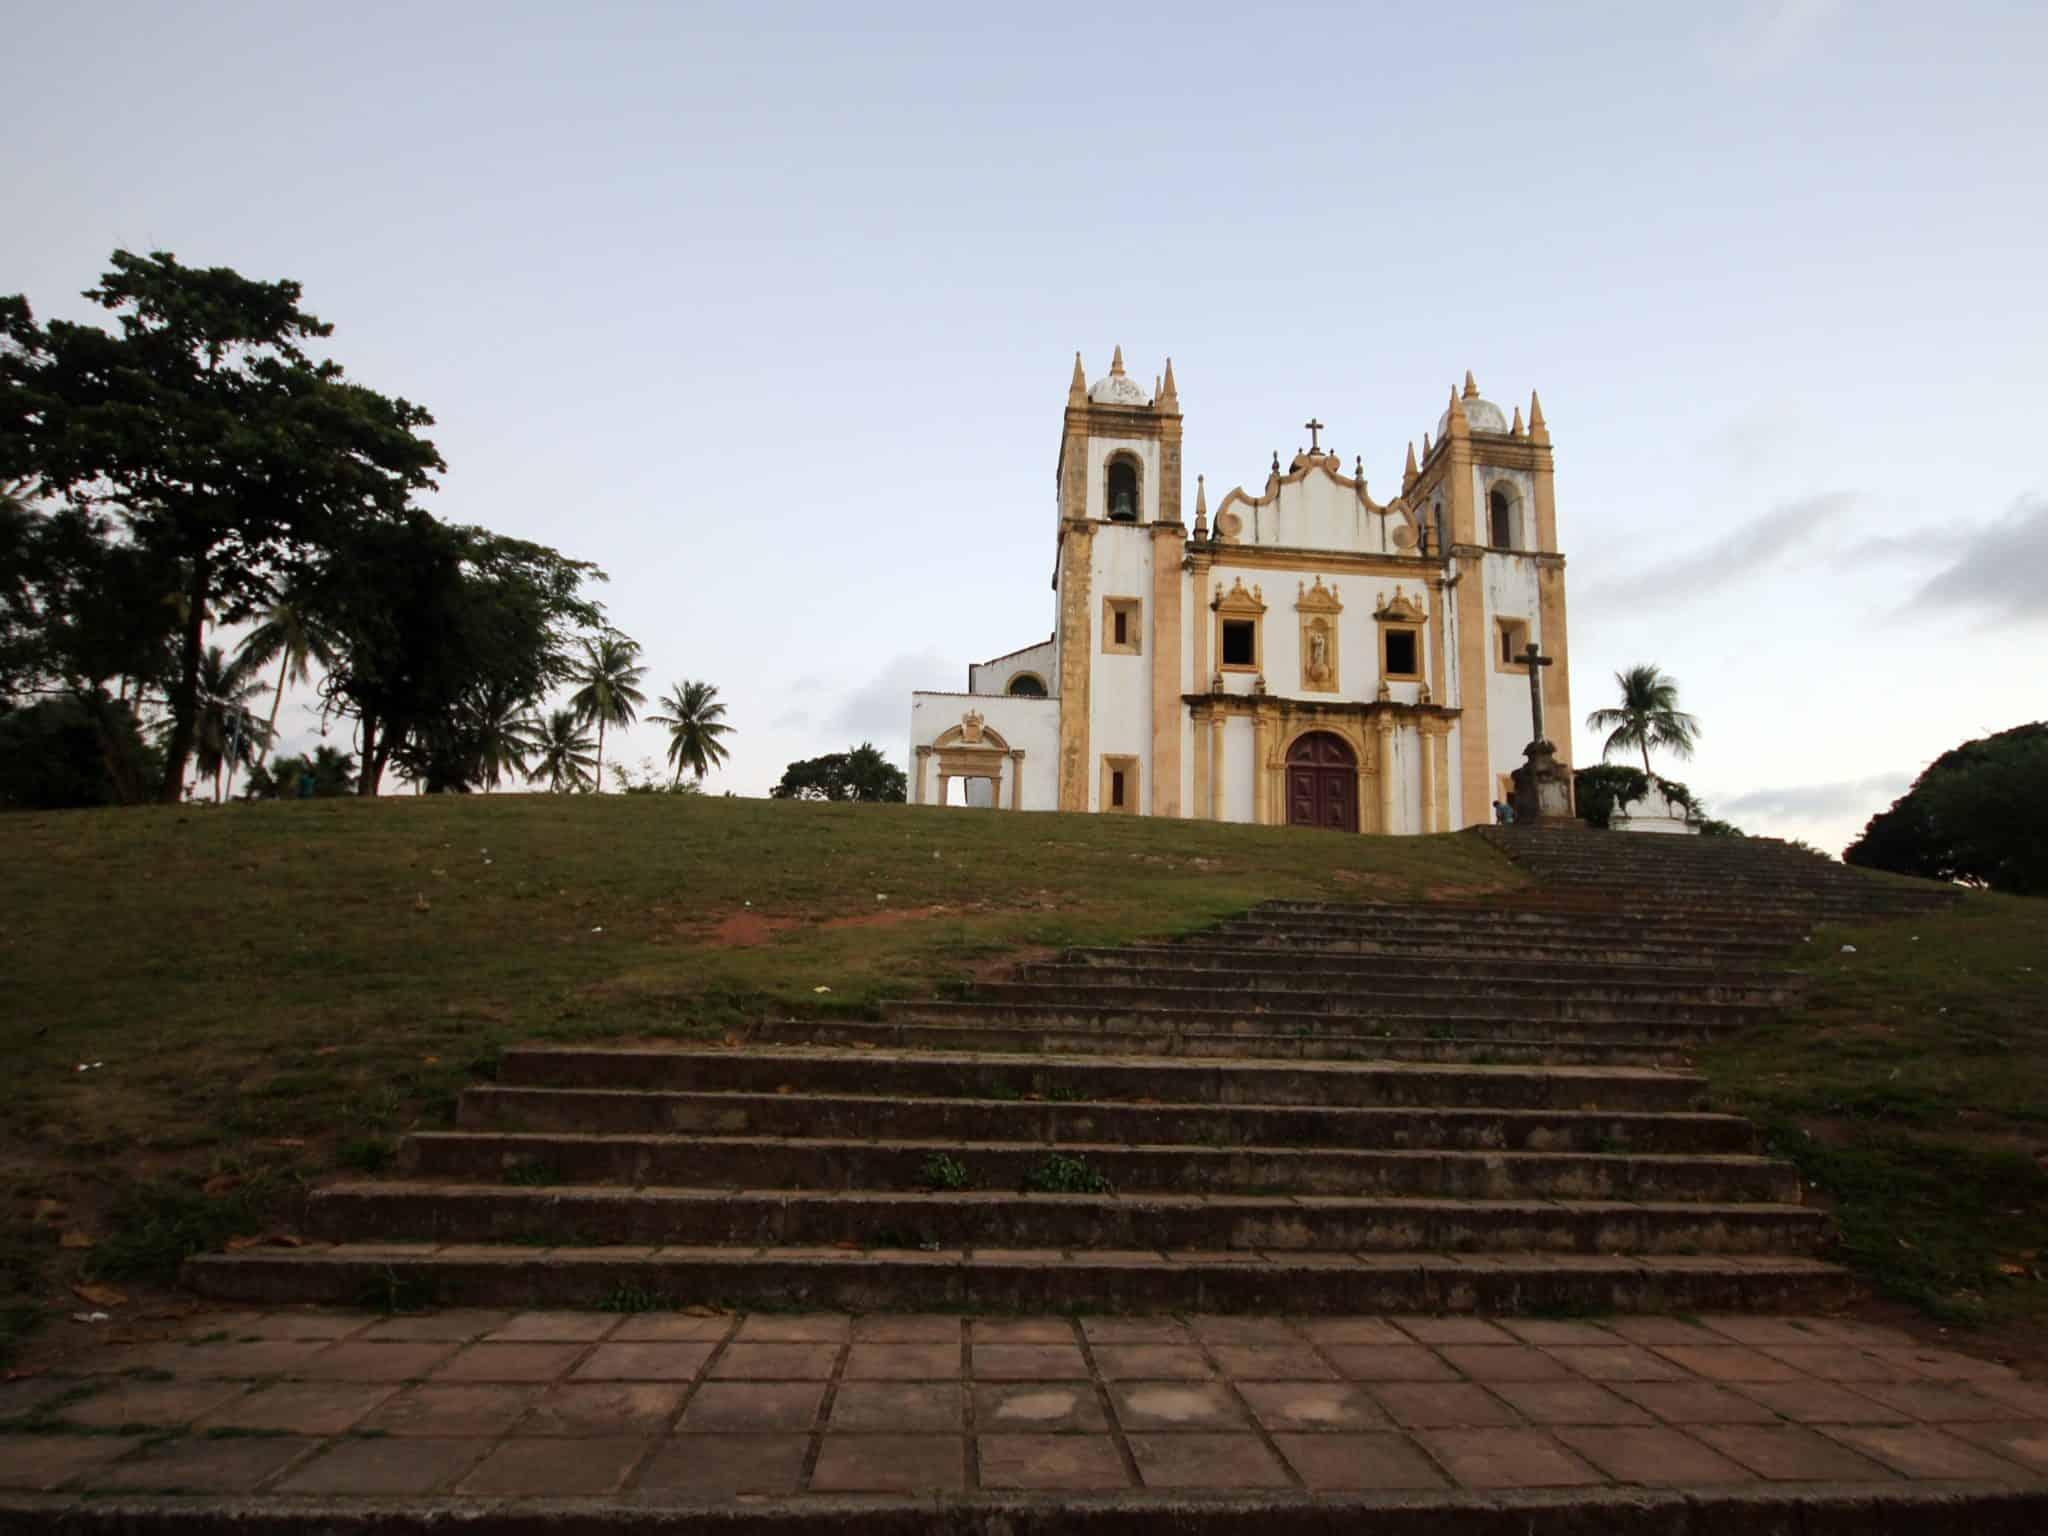 Igreja do Carmo, Olinda. Foto: Lásaro Trajano | Flickr